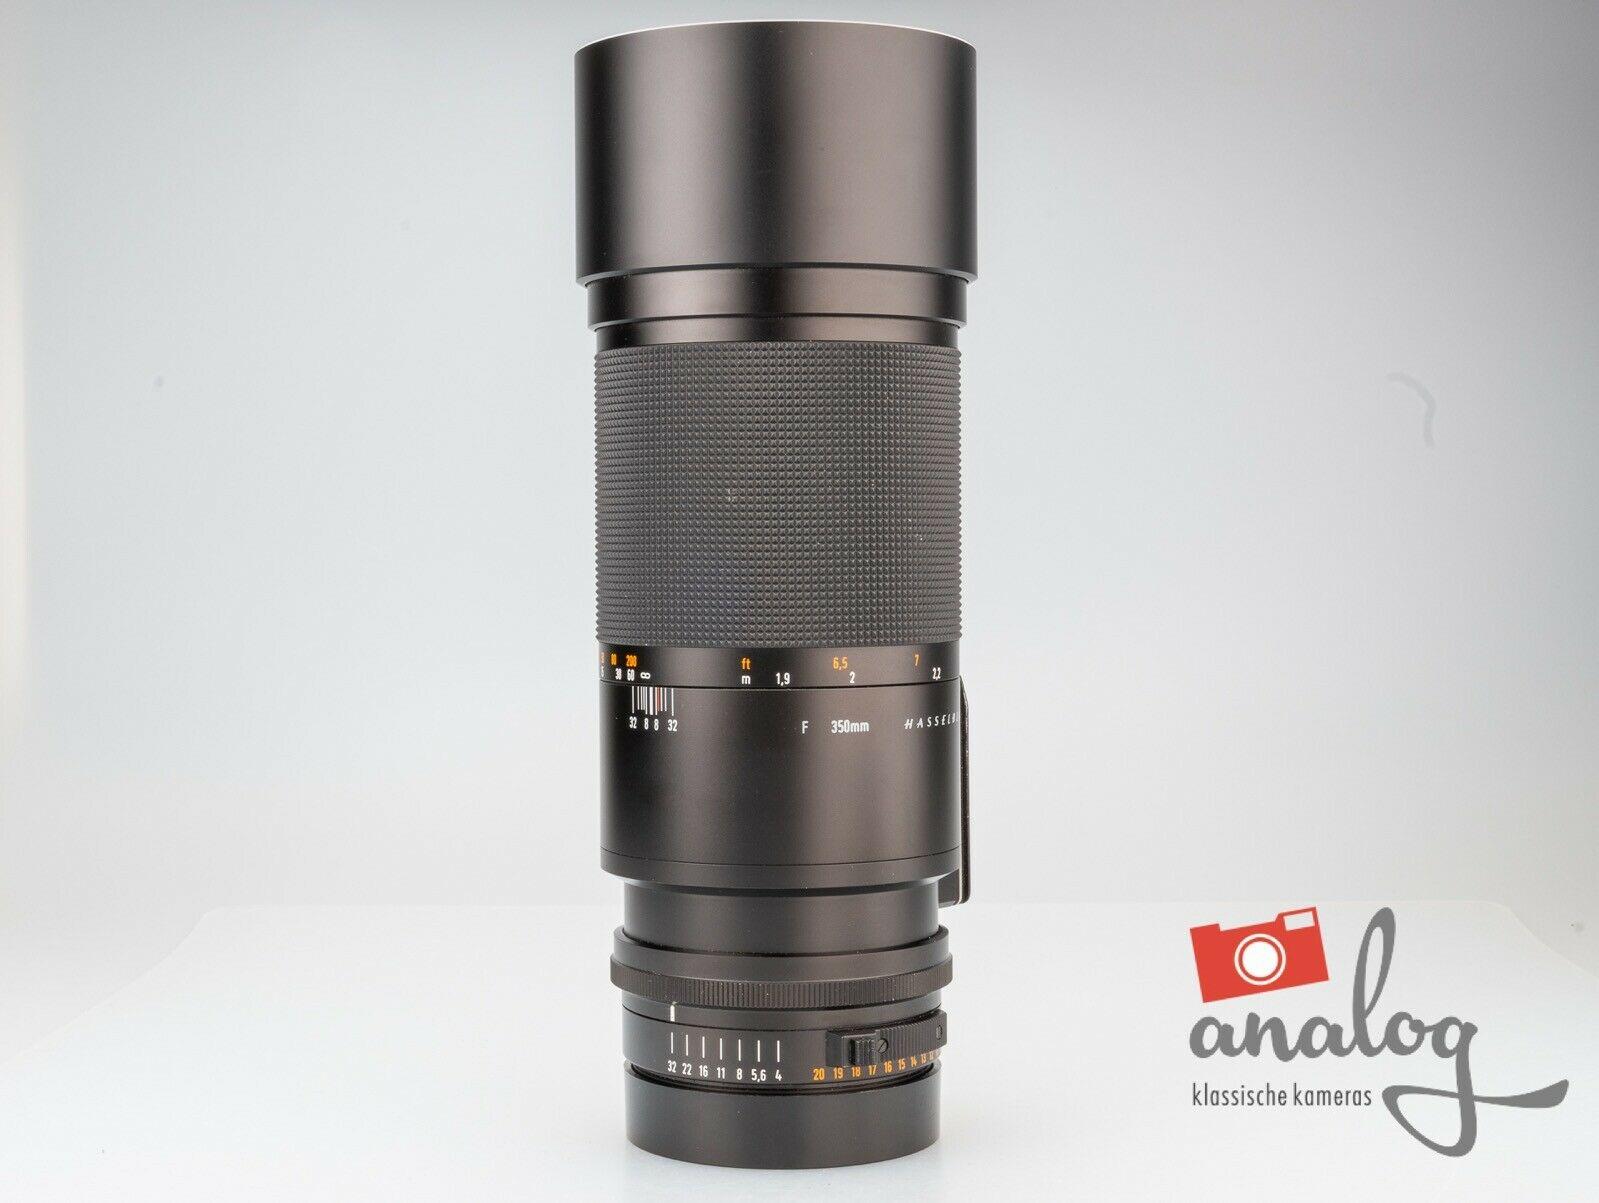 Hasselblad Carl Zeiss Tele-Tessar F 350mm 4.0